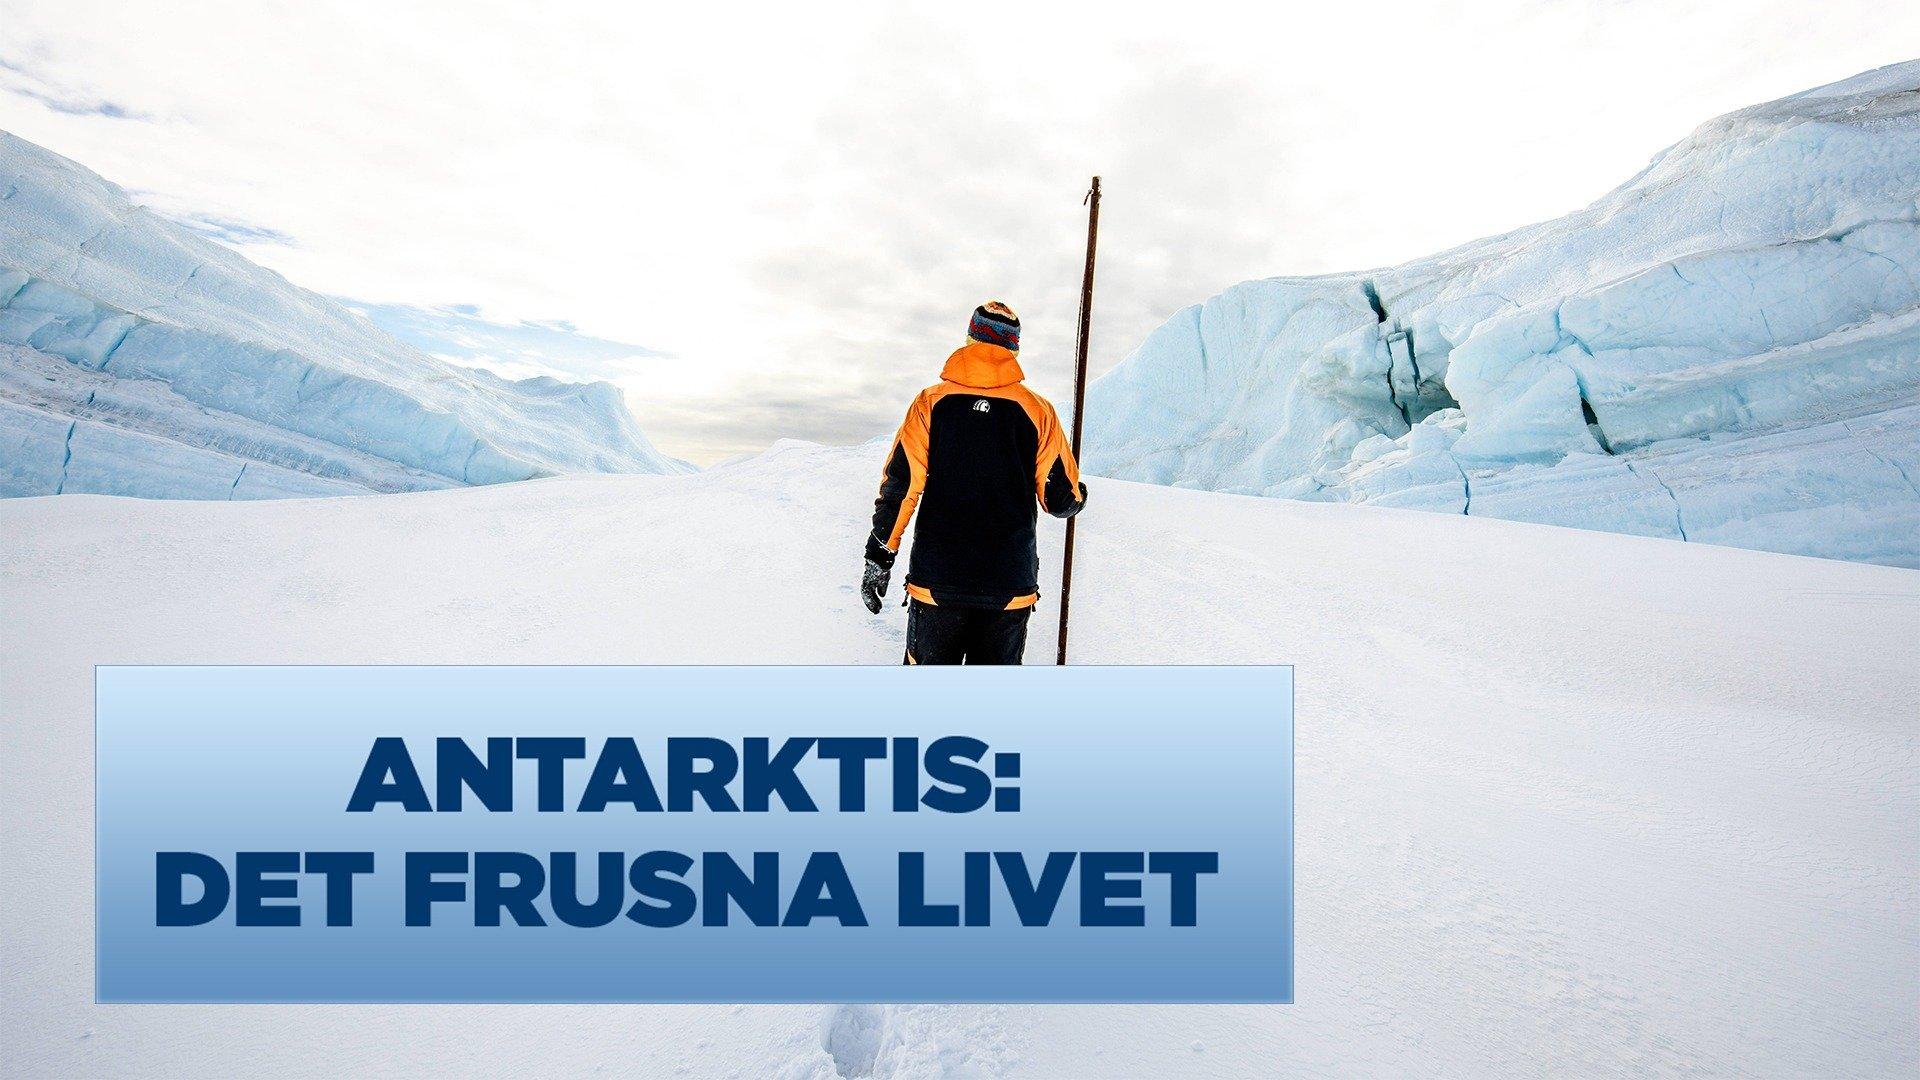 Antarktis: det frusna livet